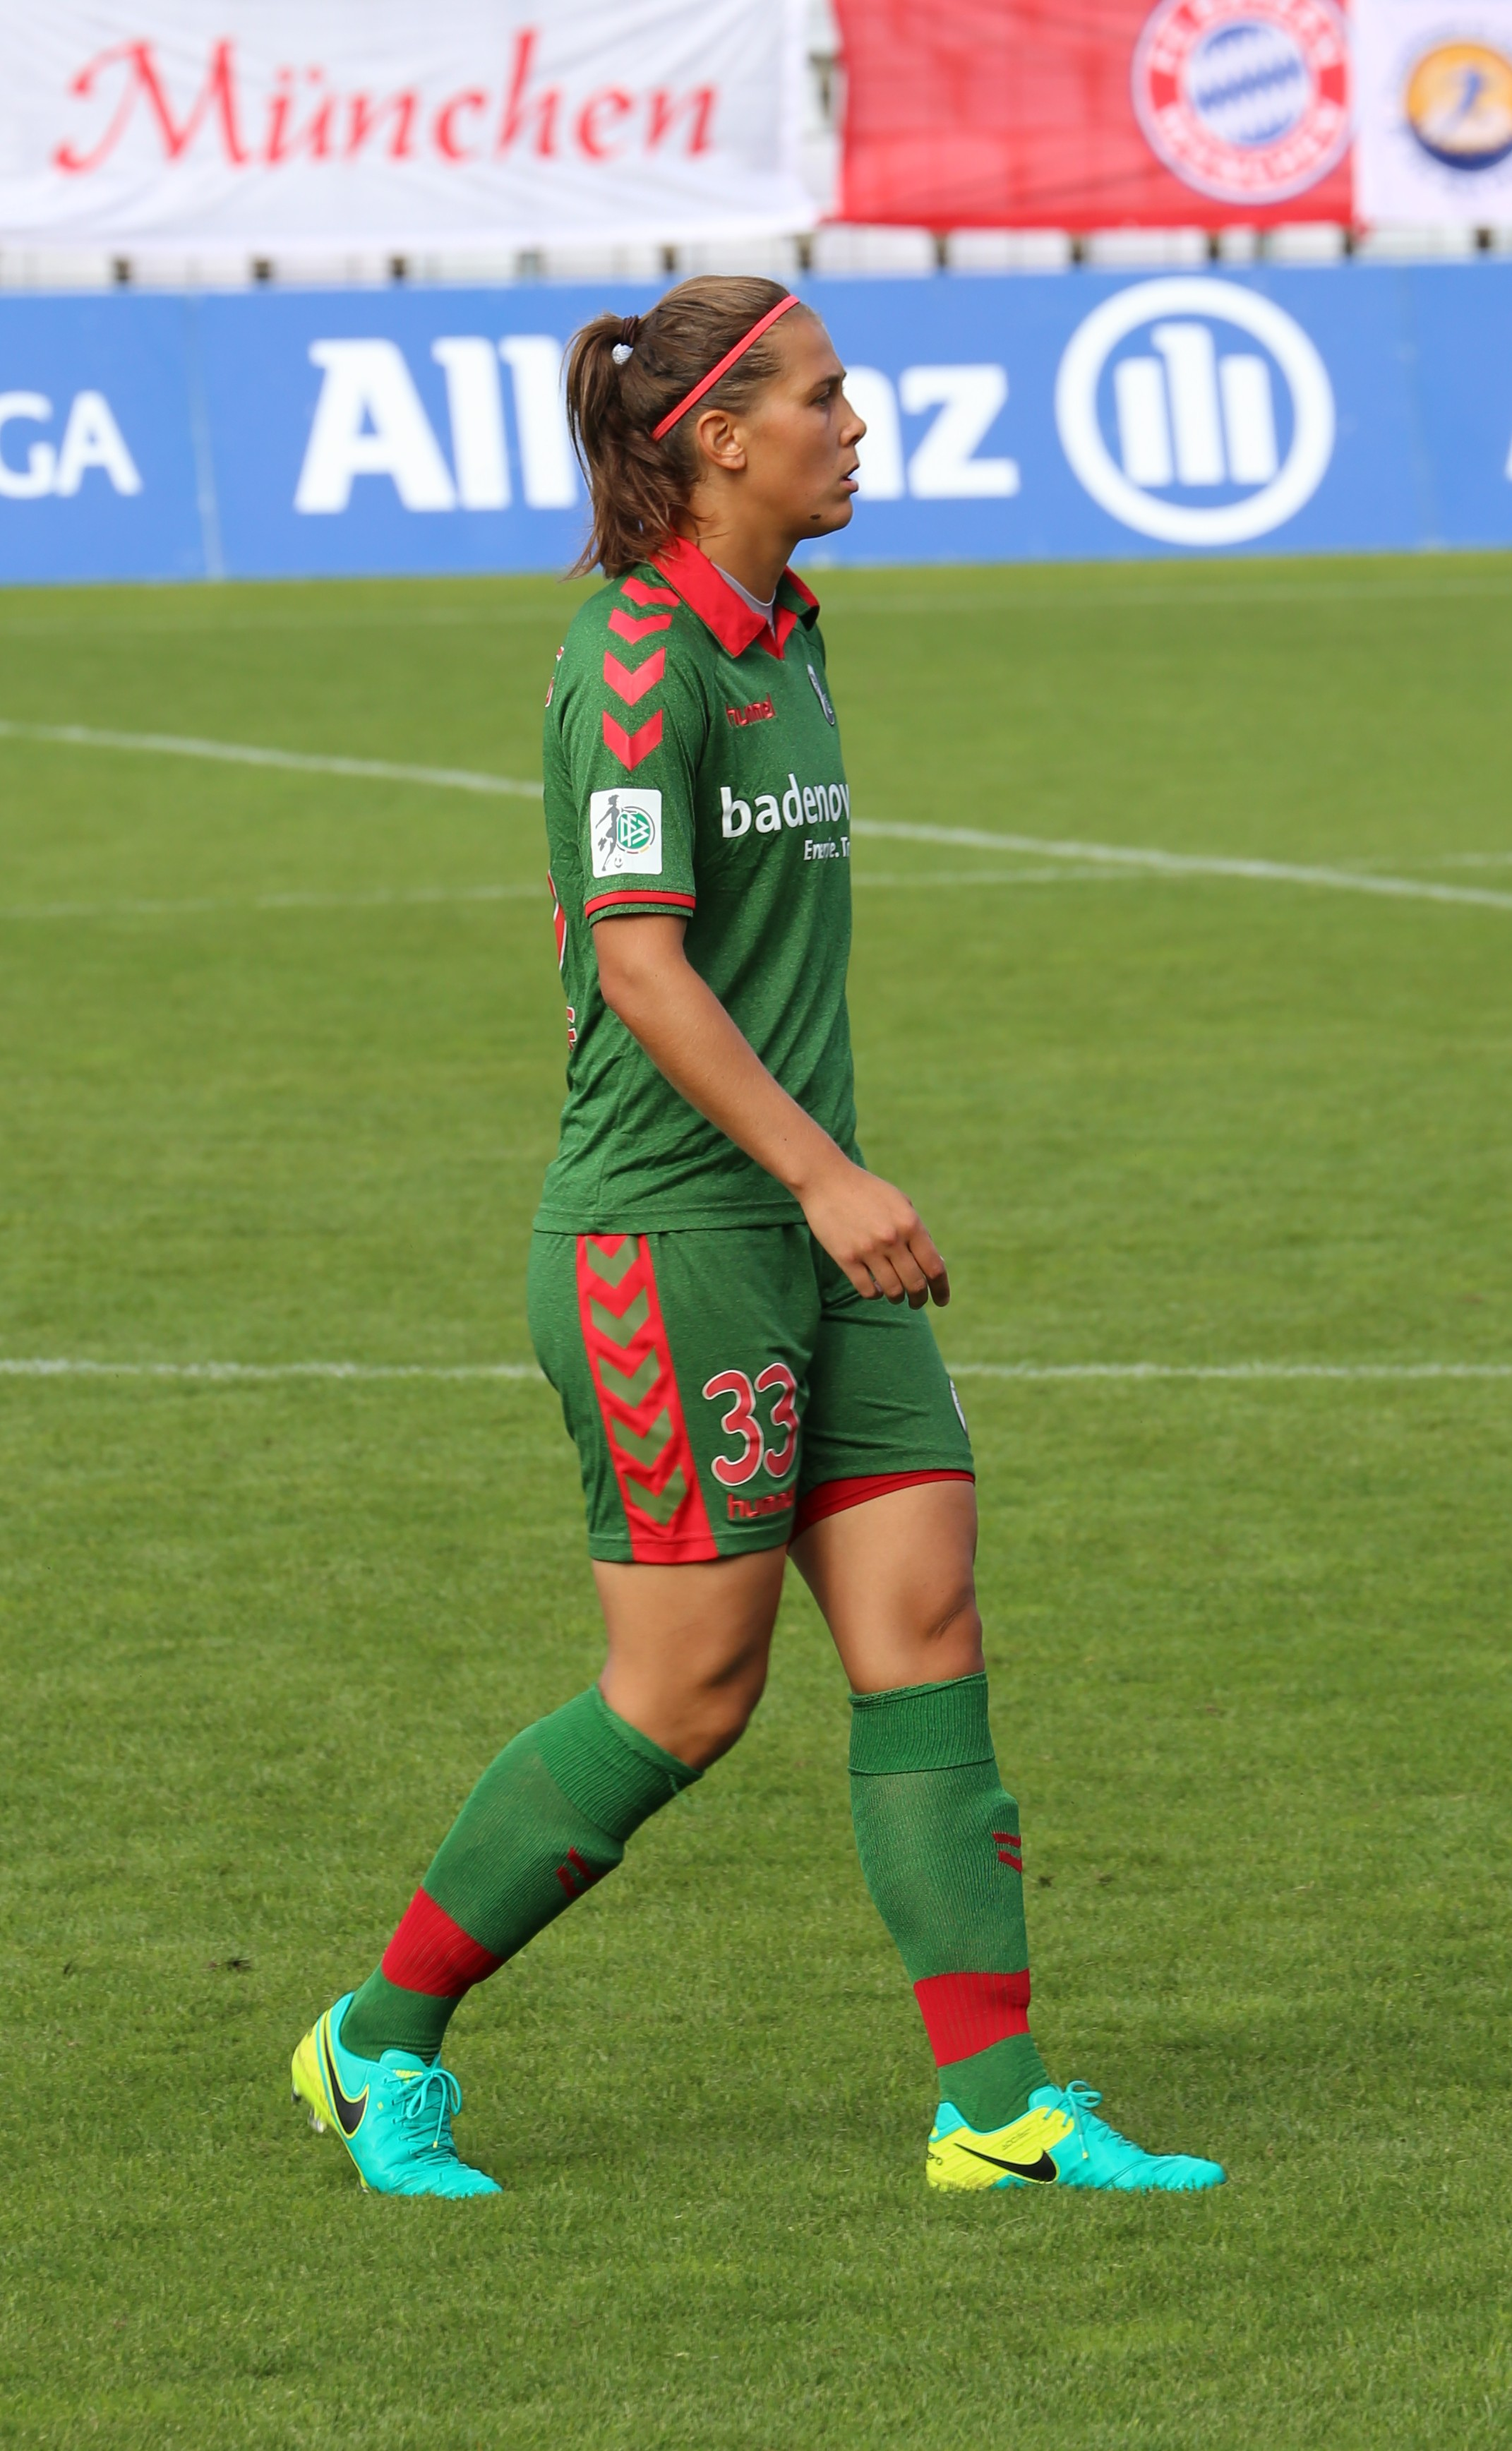 Футбол фрайбург википедия